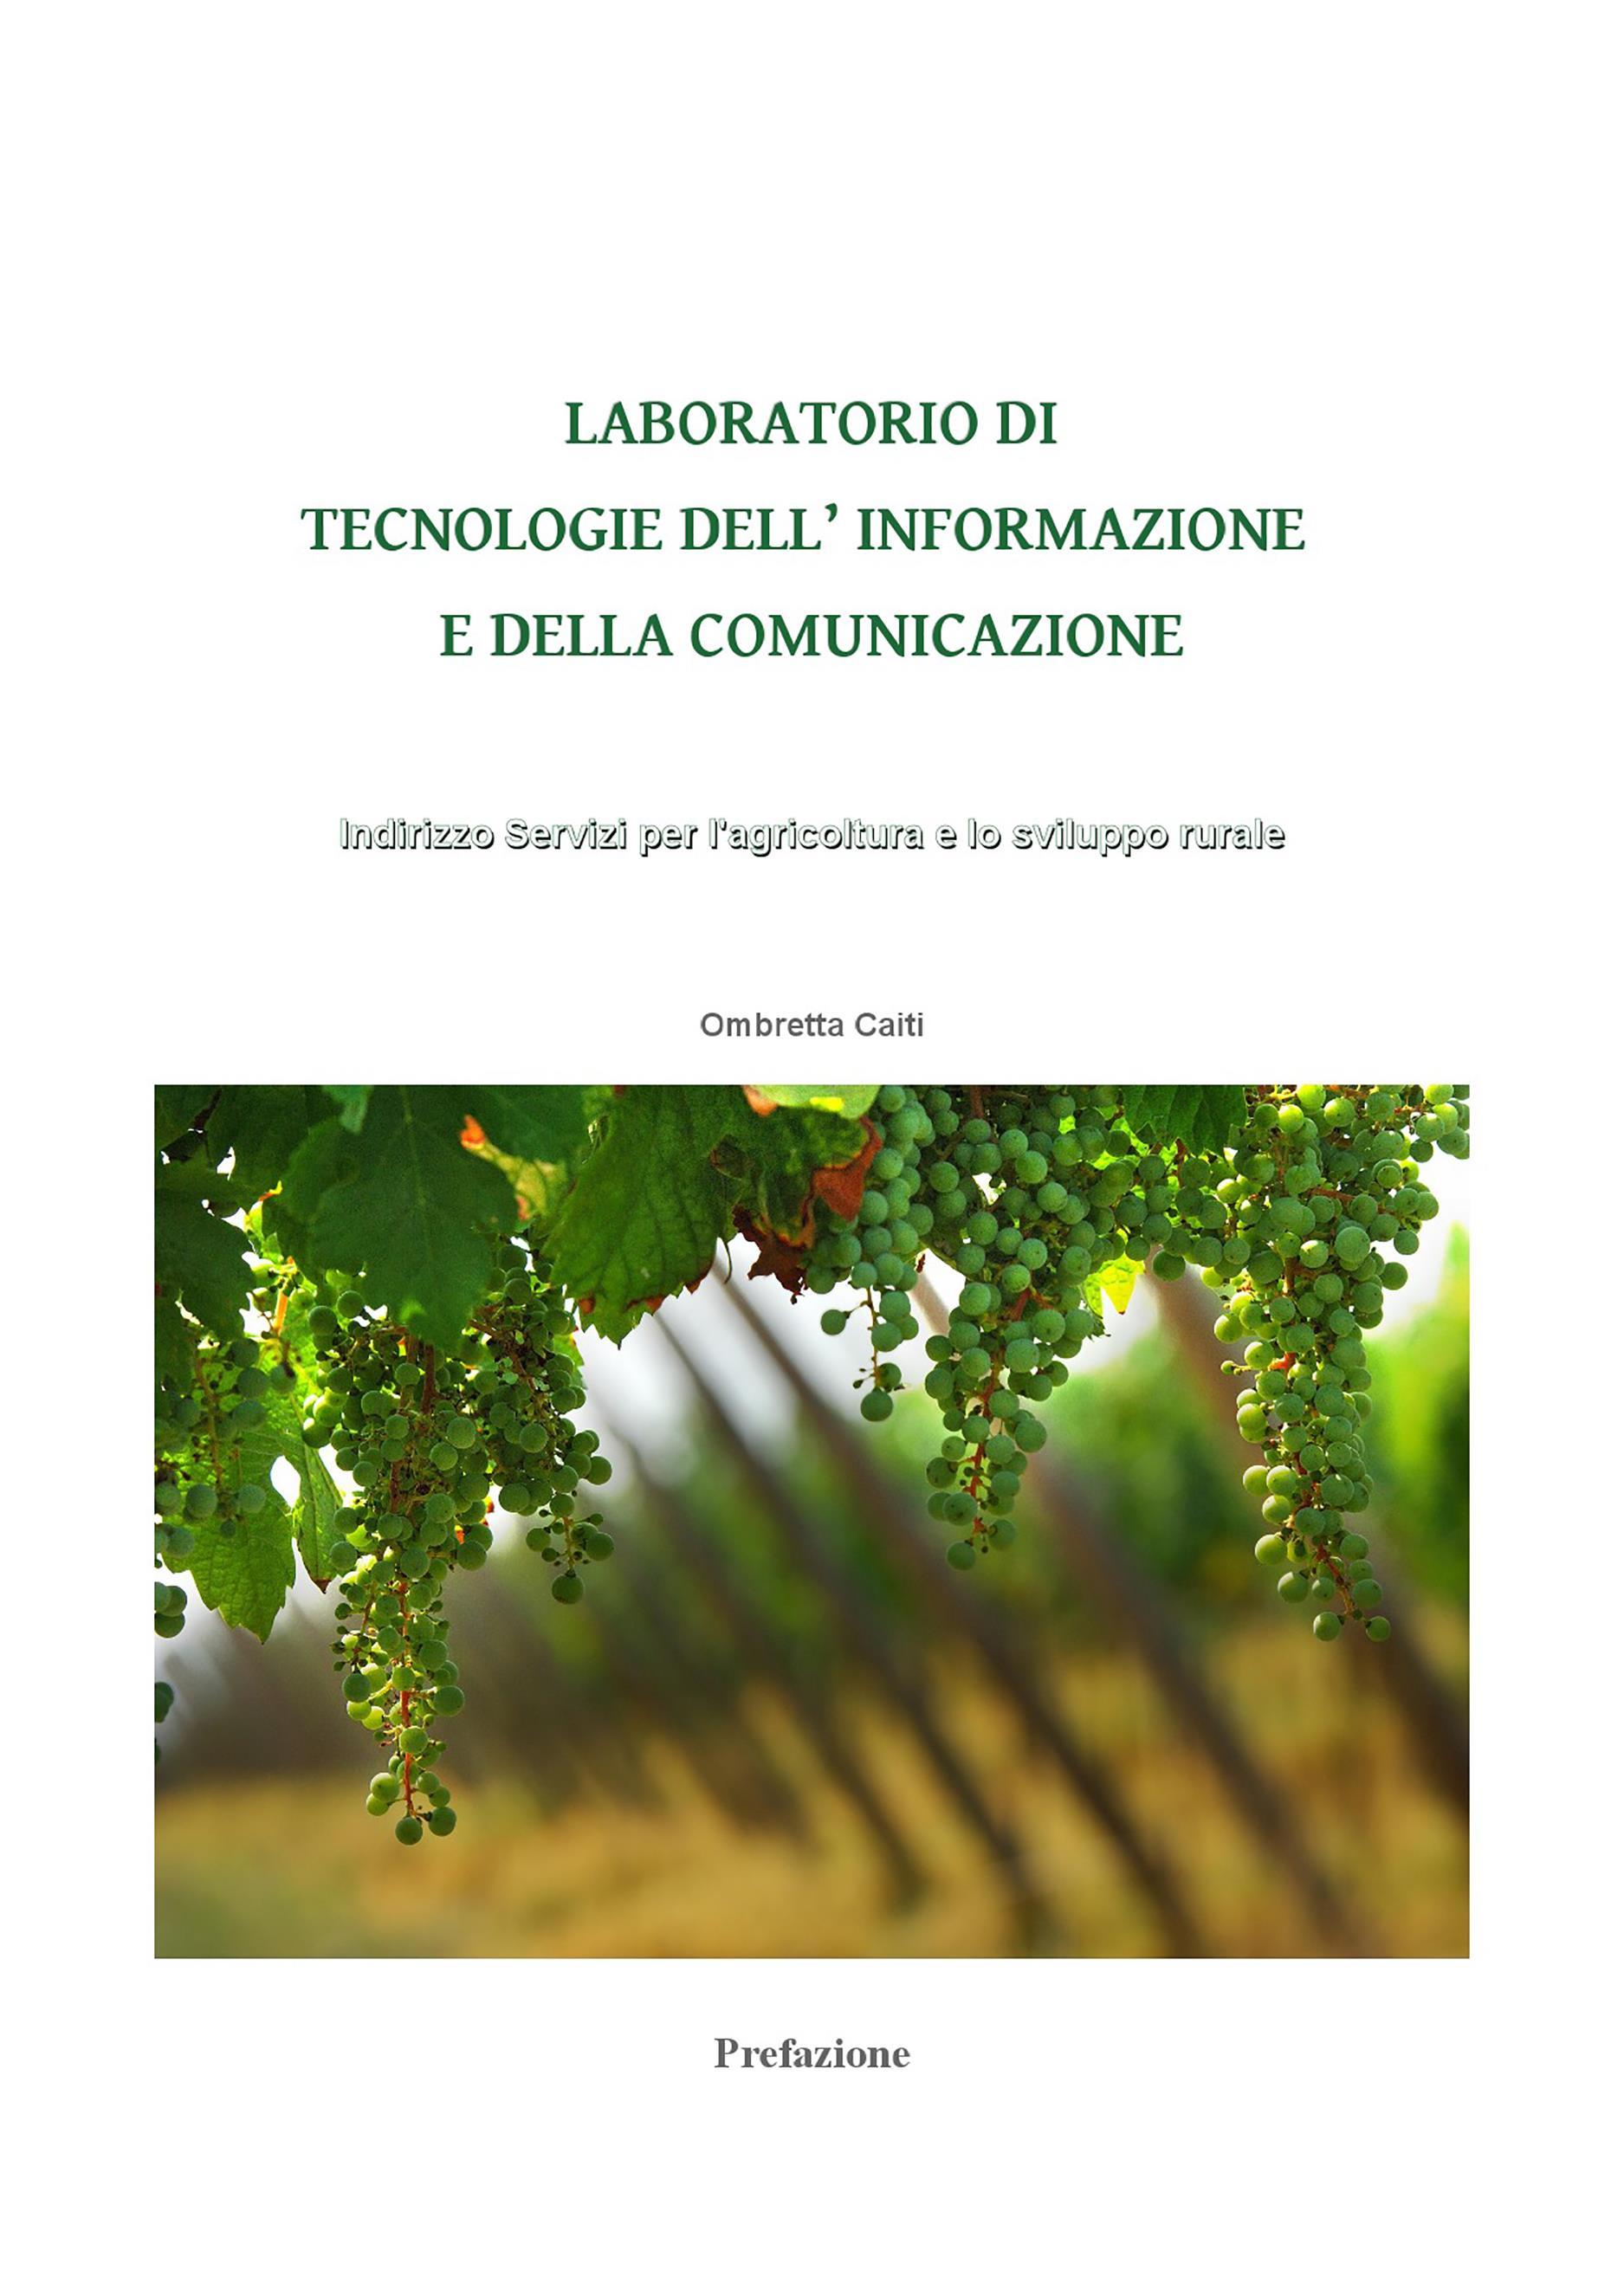 Laboratorio di tecnologie dell'informazione e della comunicazione